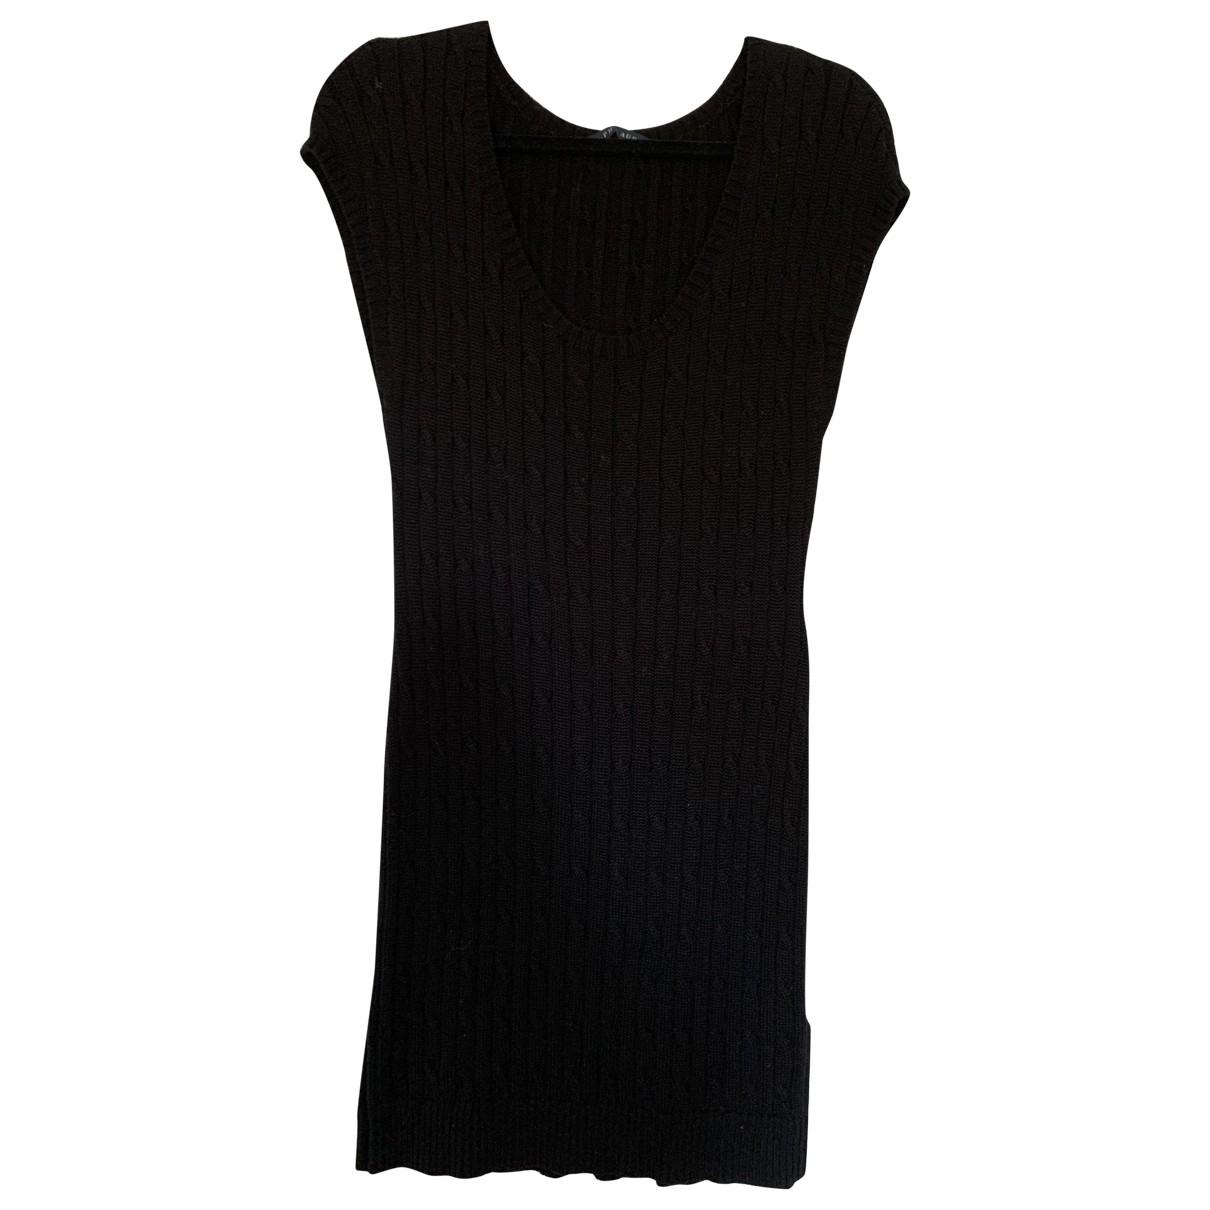 Ralph Lauren \N Black Cotton dress for Women M International